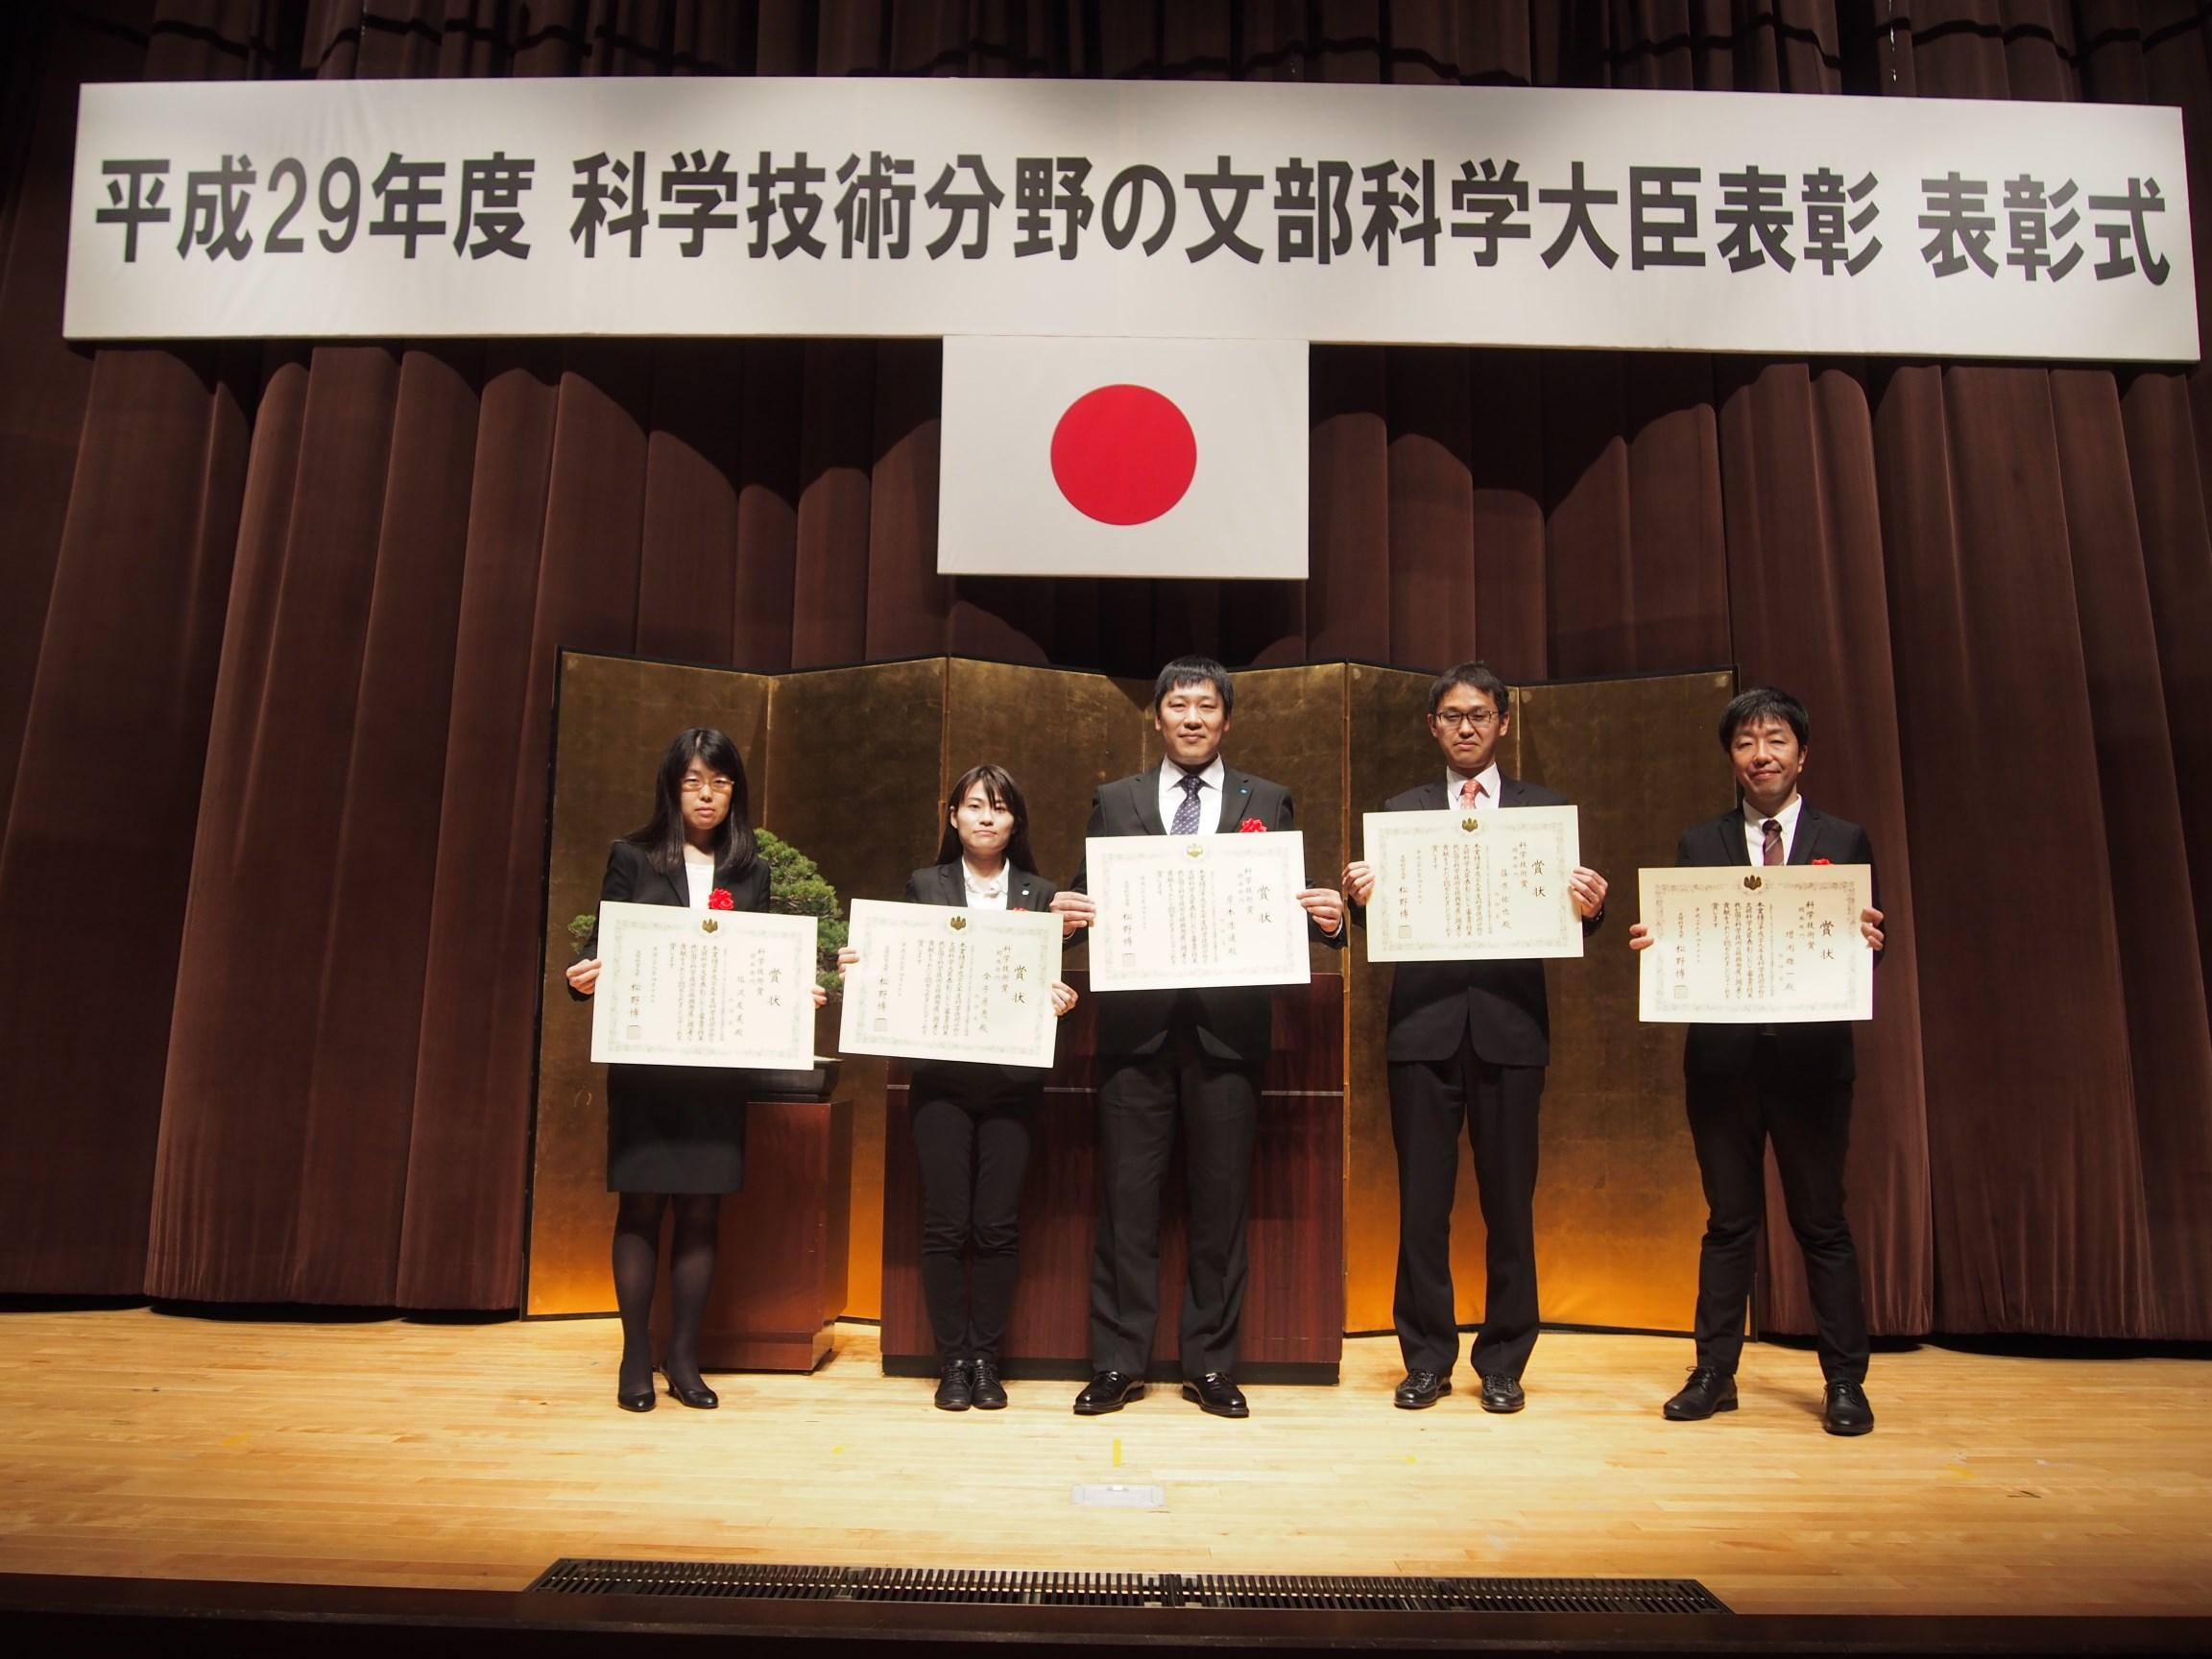 Sumitomo стала лауреатом премии японского Министерства науки и технологий